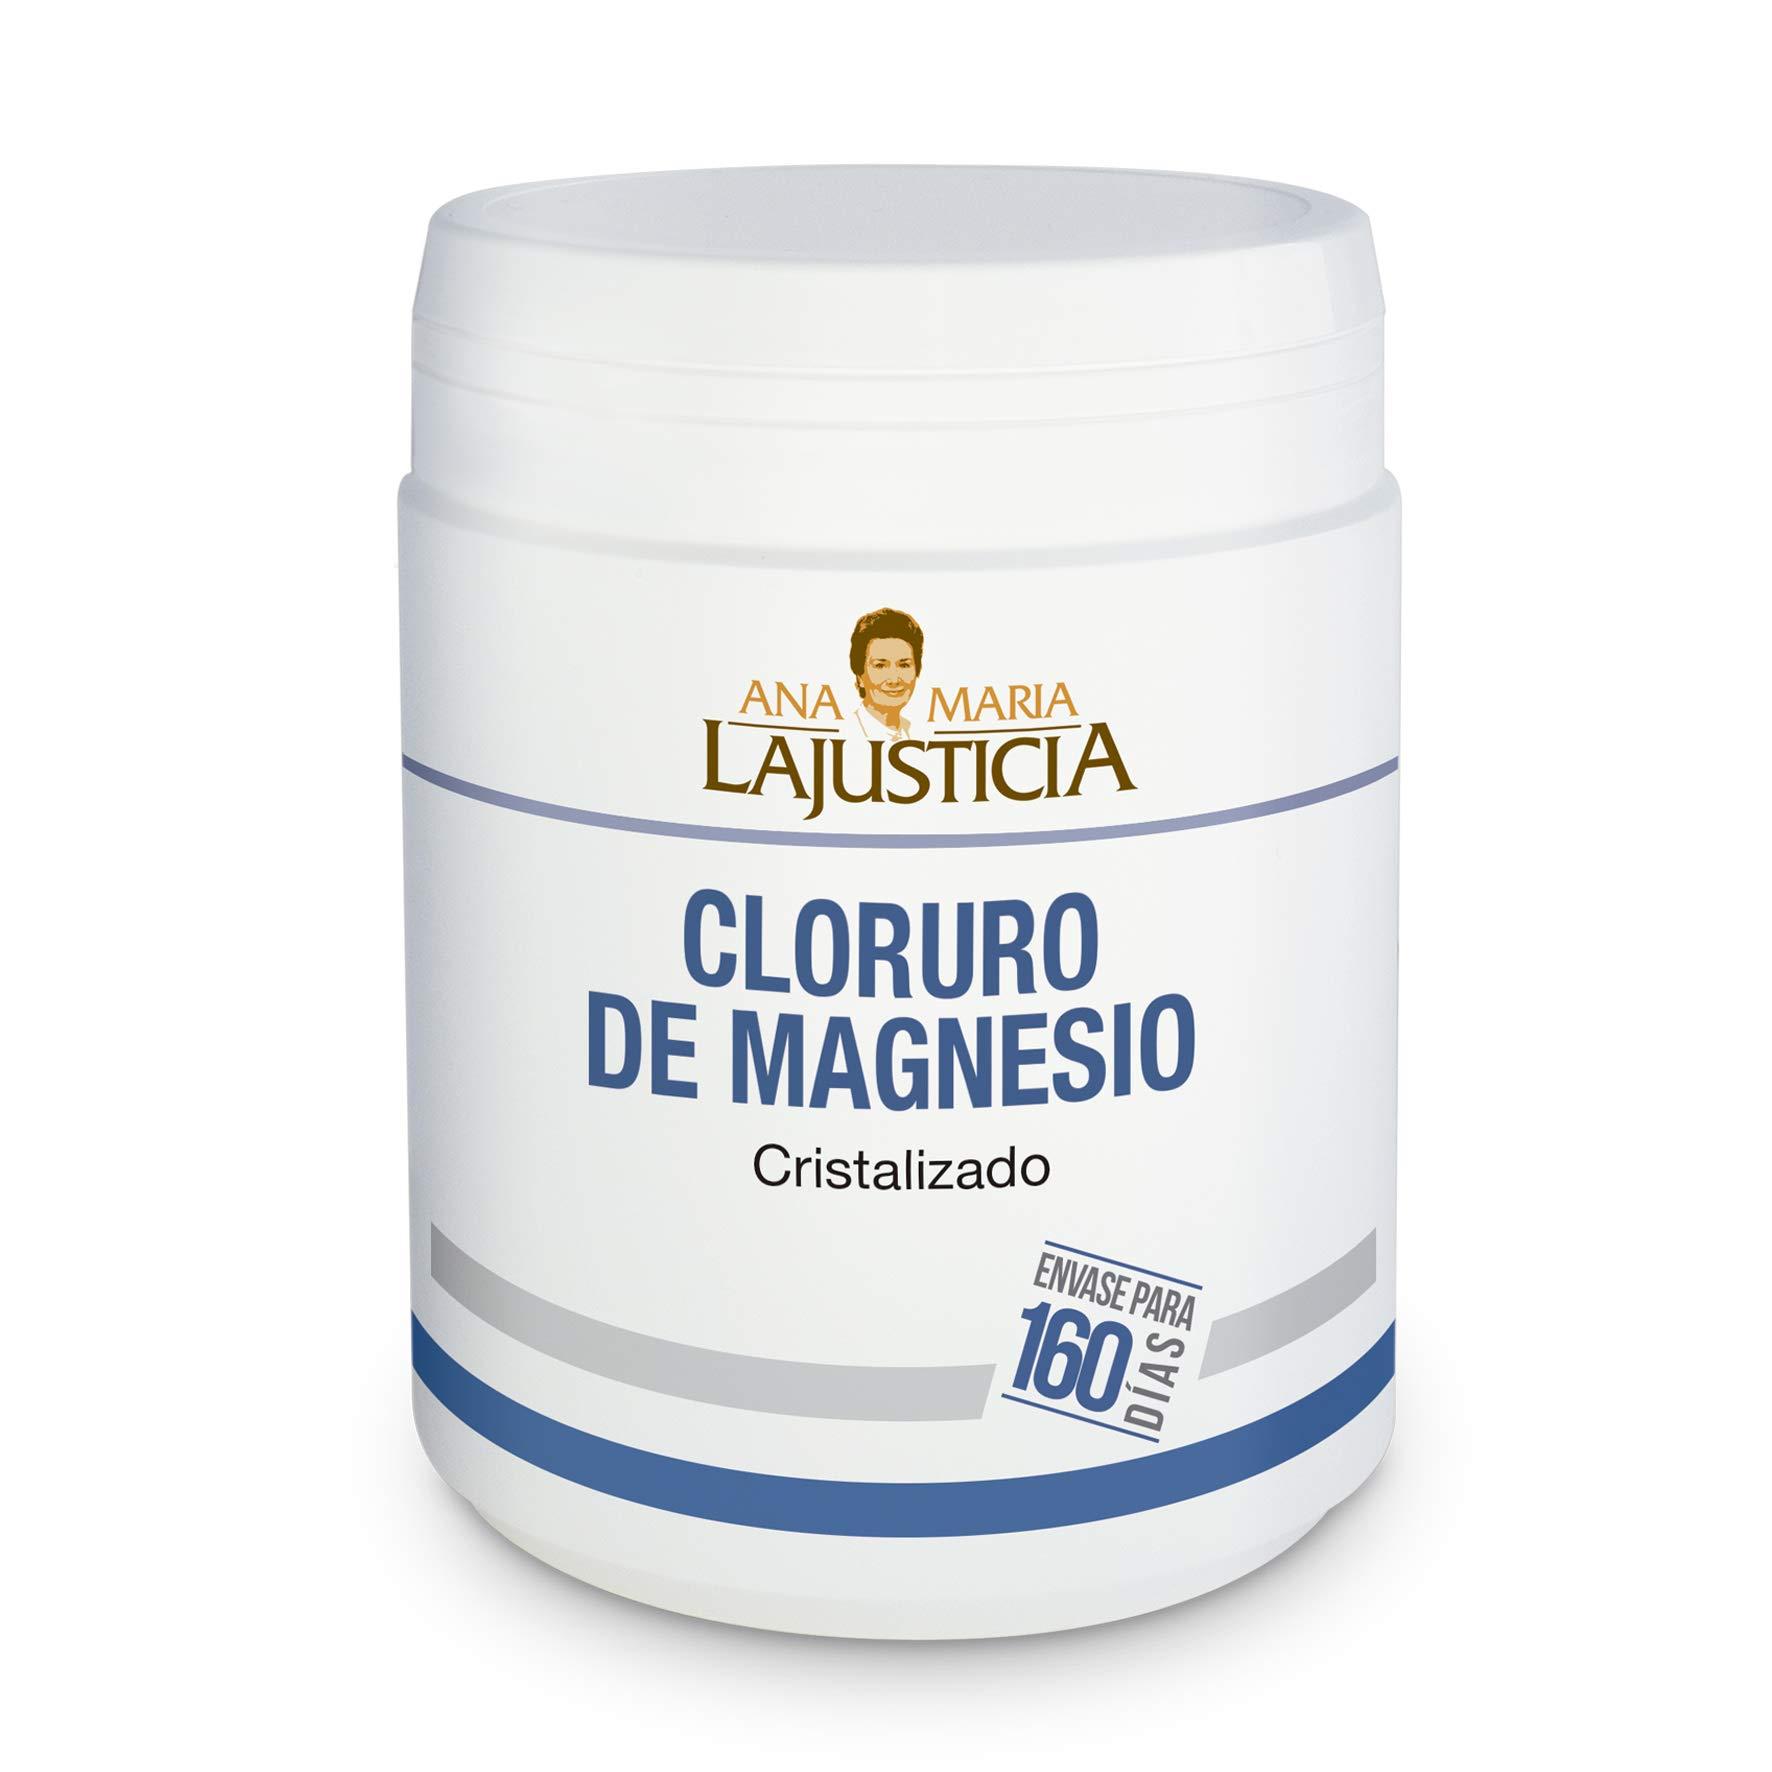 ANA MARIA LAJUSTICIA CLORURO MAGNESIO 400 gr.